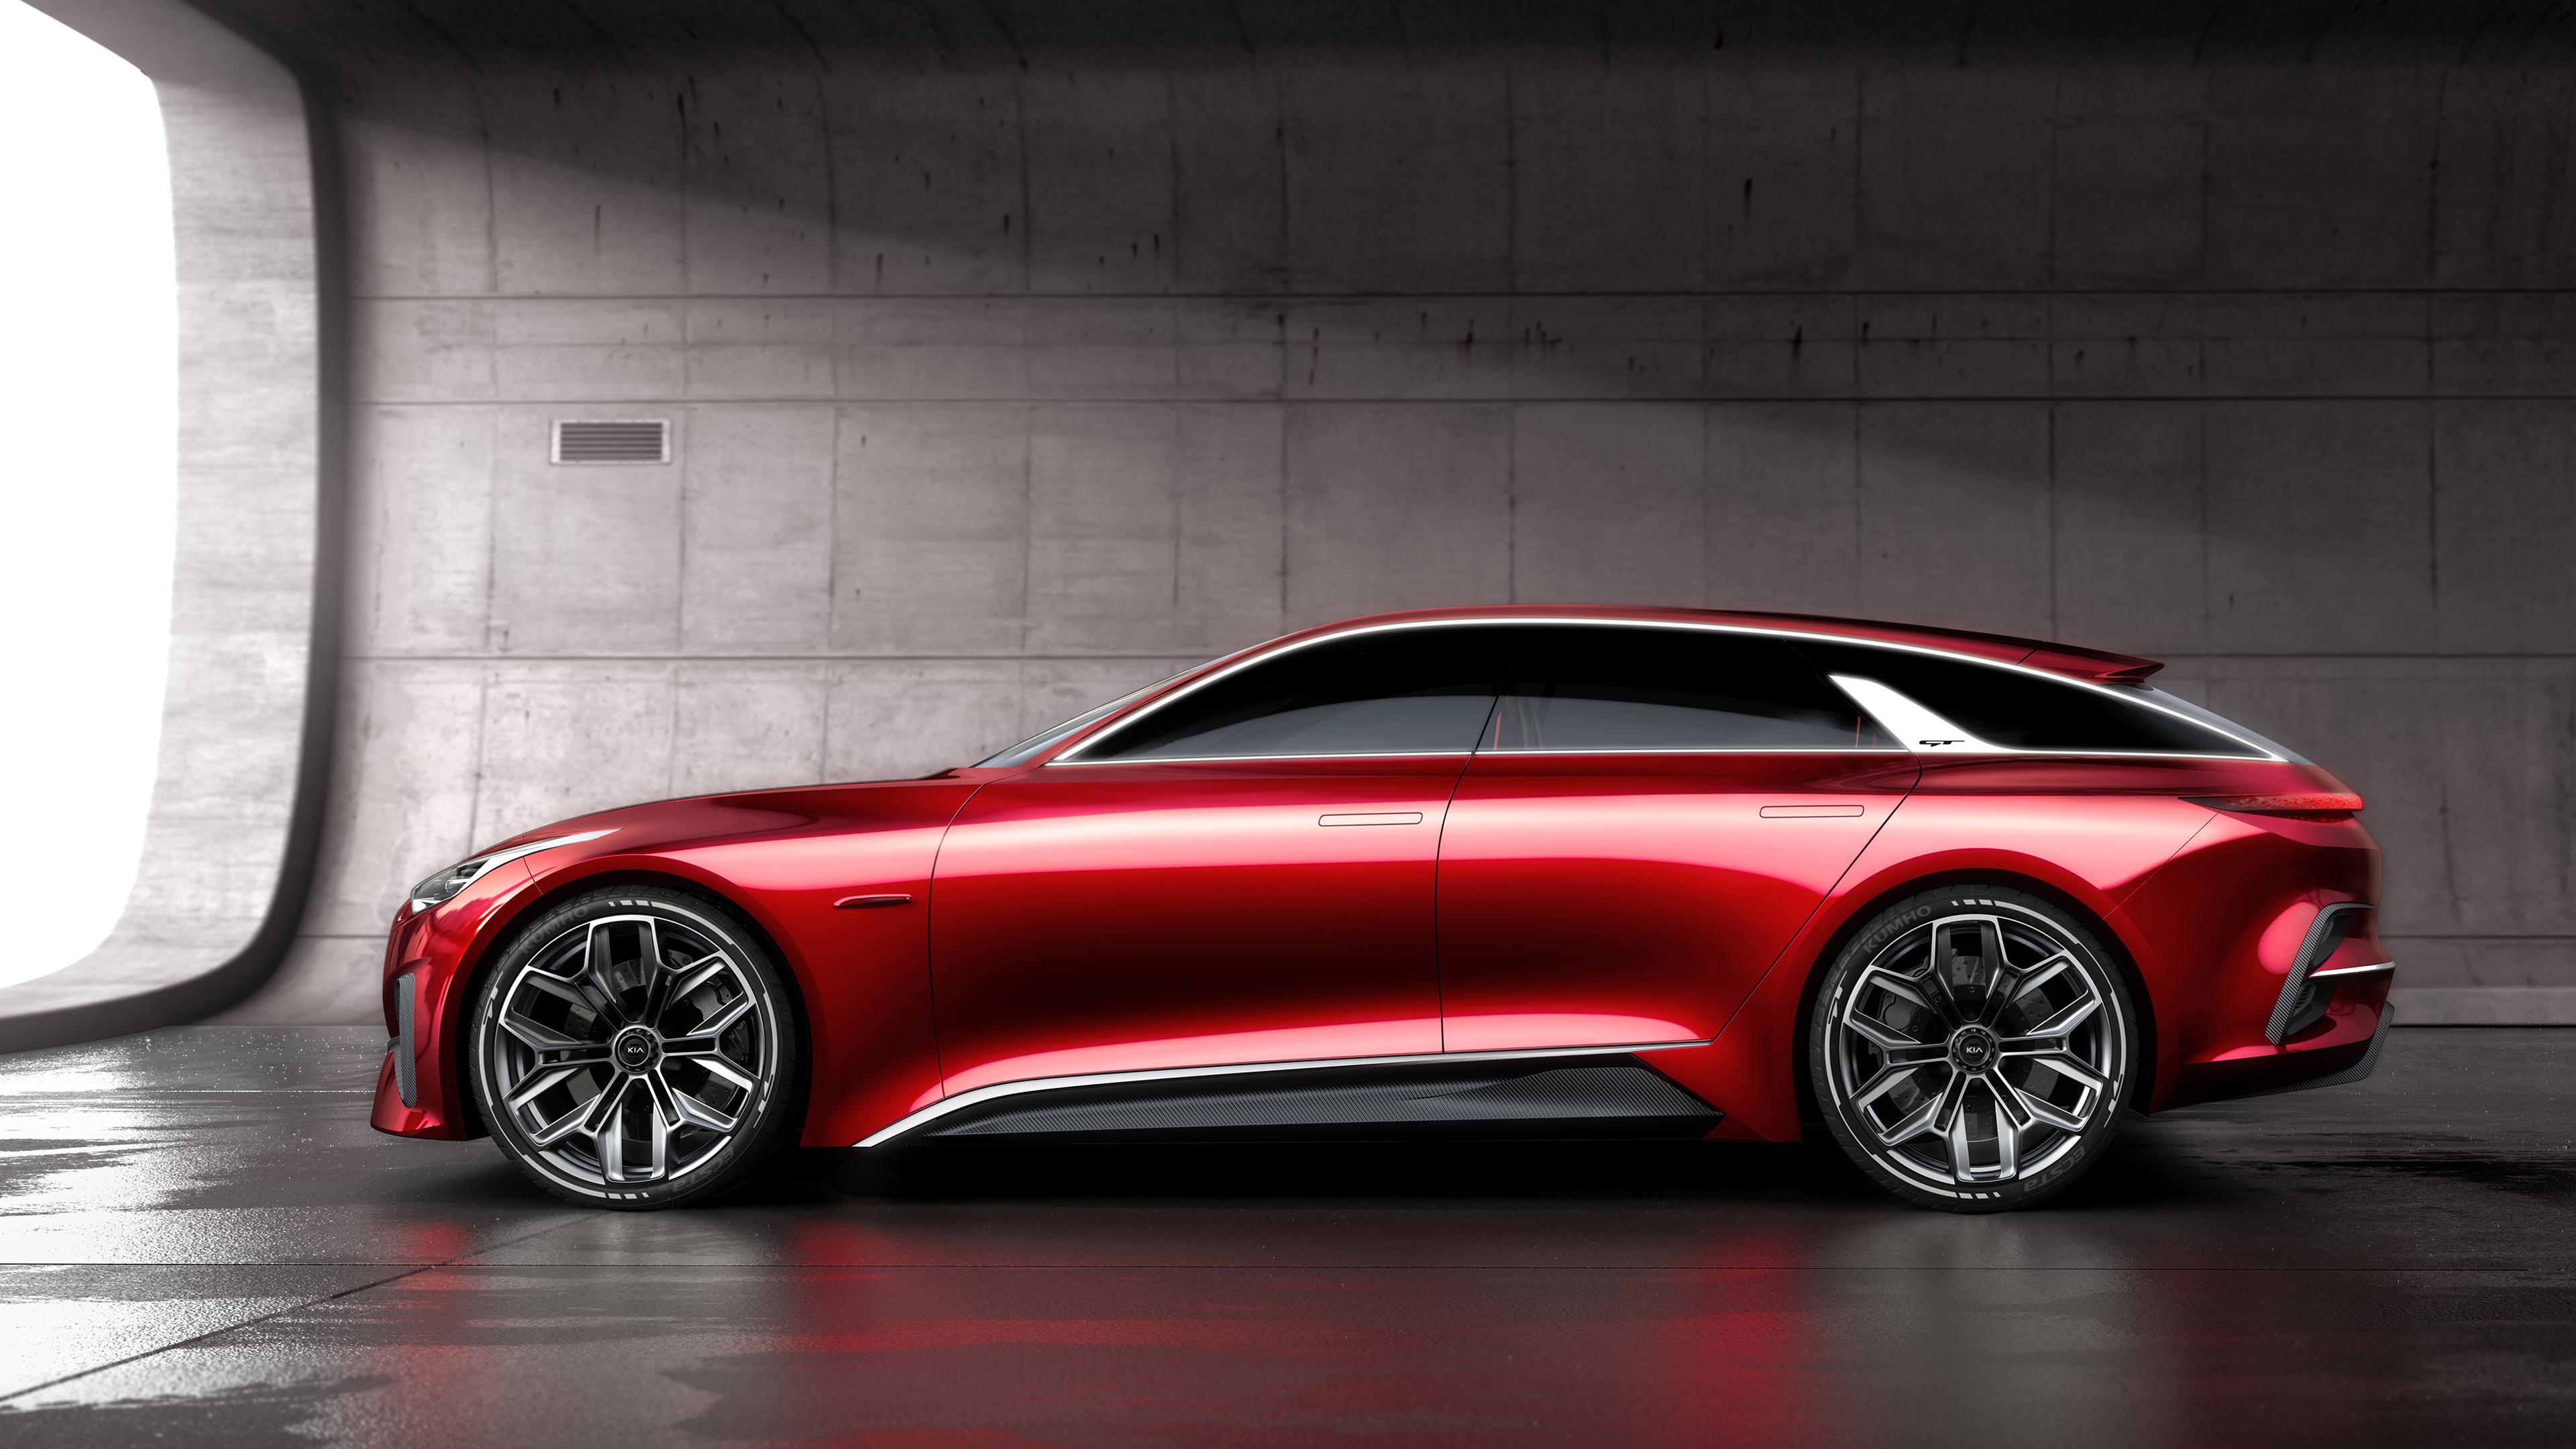 2017 Kia Proceed Concept 4K 2 Wallpaper | HD Car ...